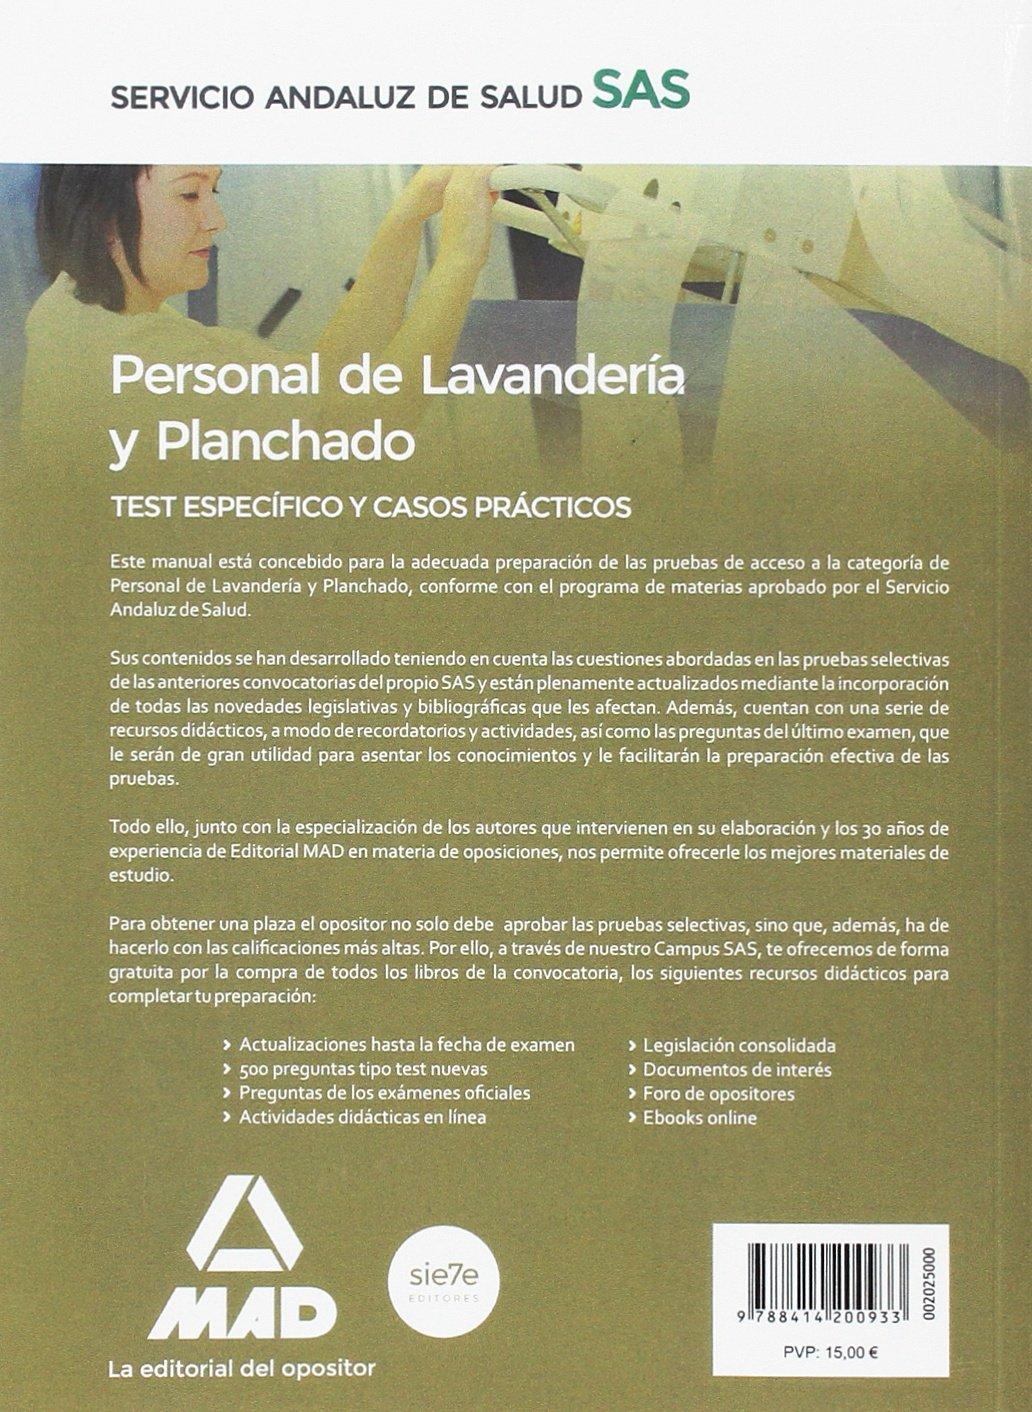 Personal de Lavanderia-Planchado del SAS. Temario comun y Test (Spanish Edition)